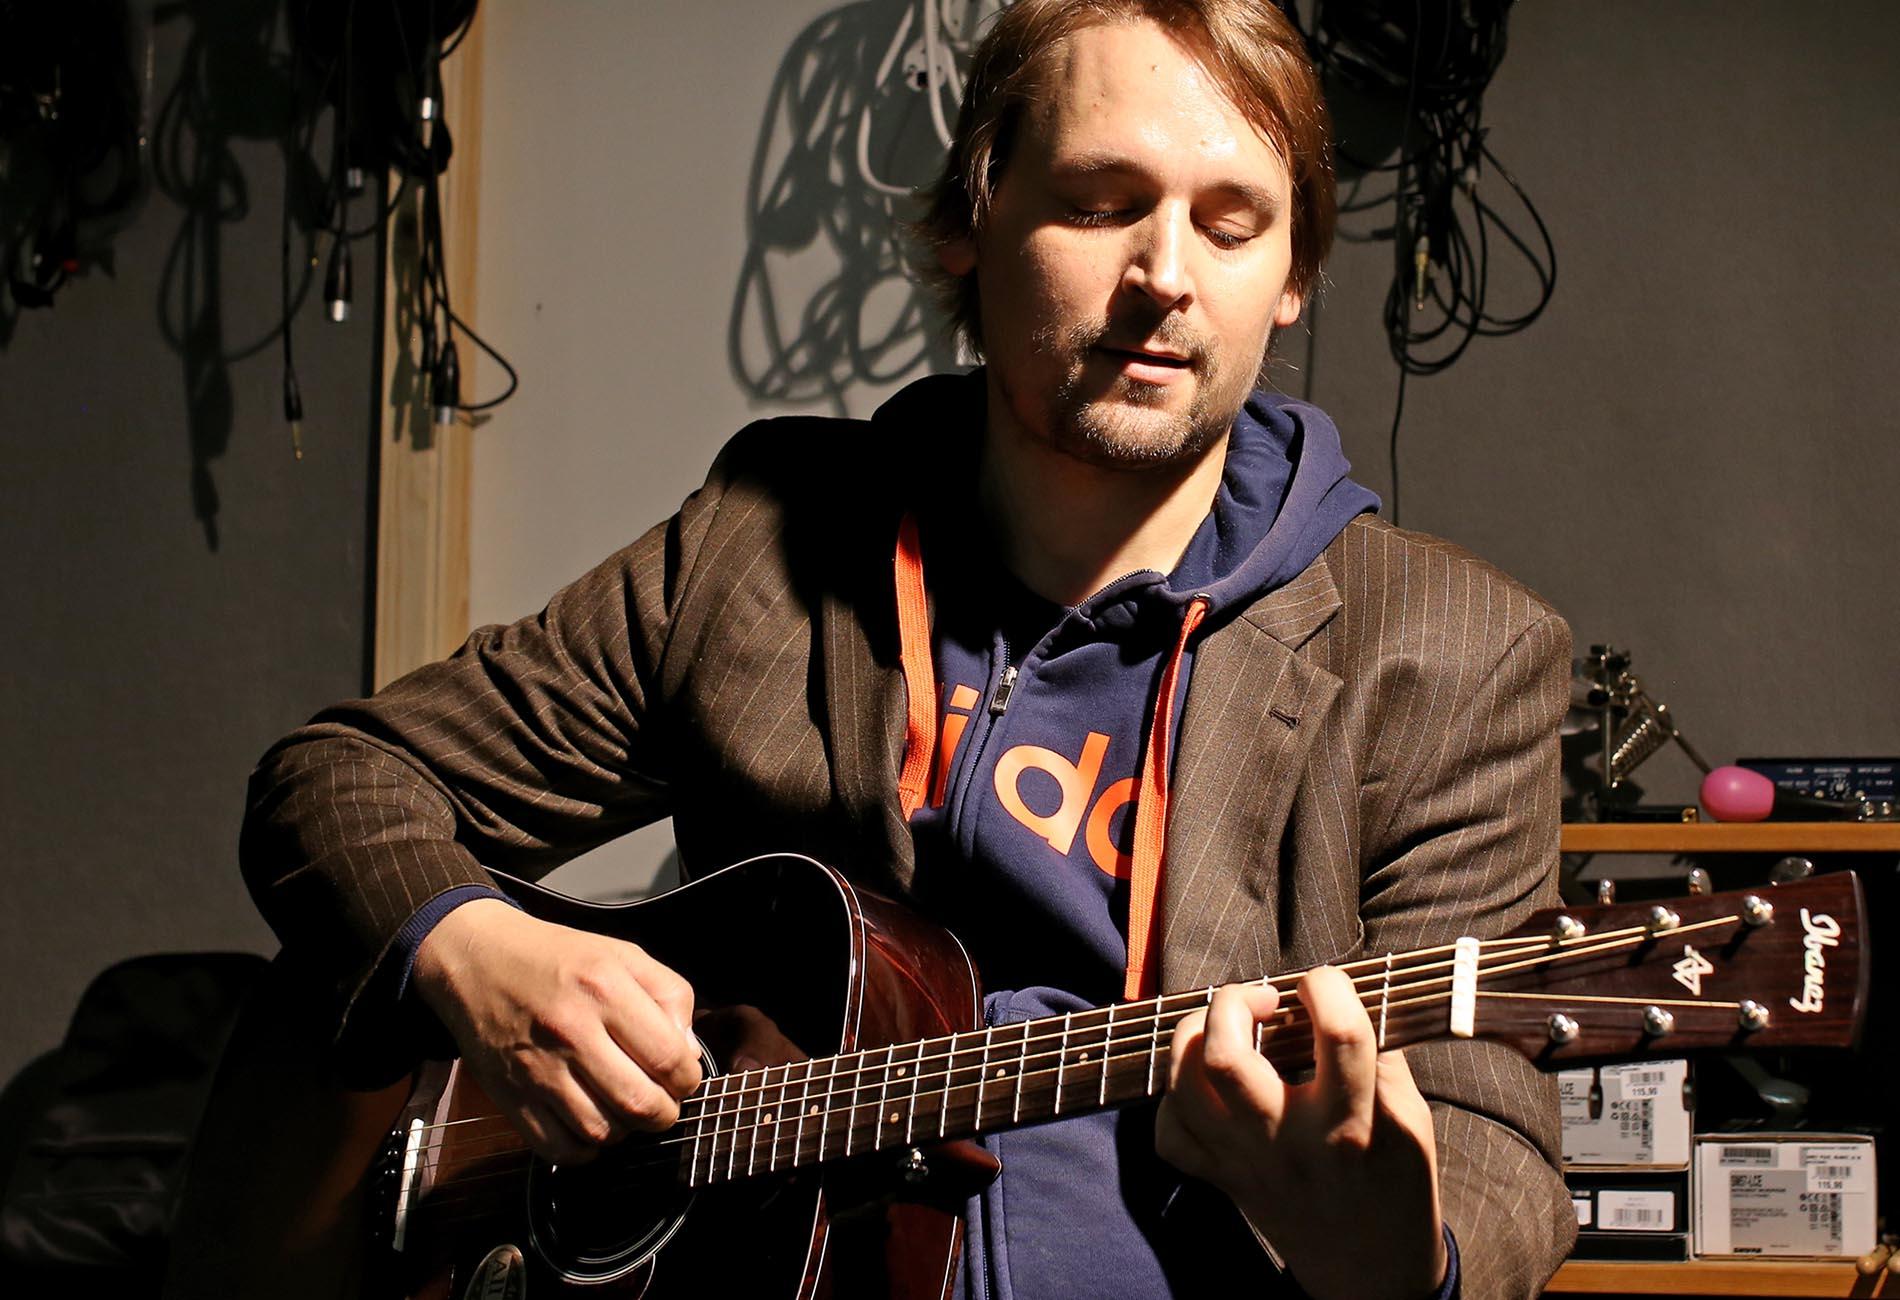 Kare Poutanen näppäilee keskittyneenä akustista kitaraa studiossa.